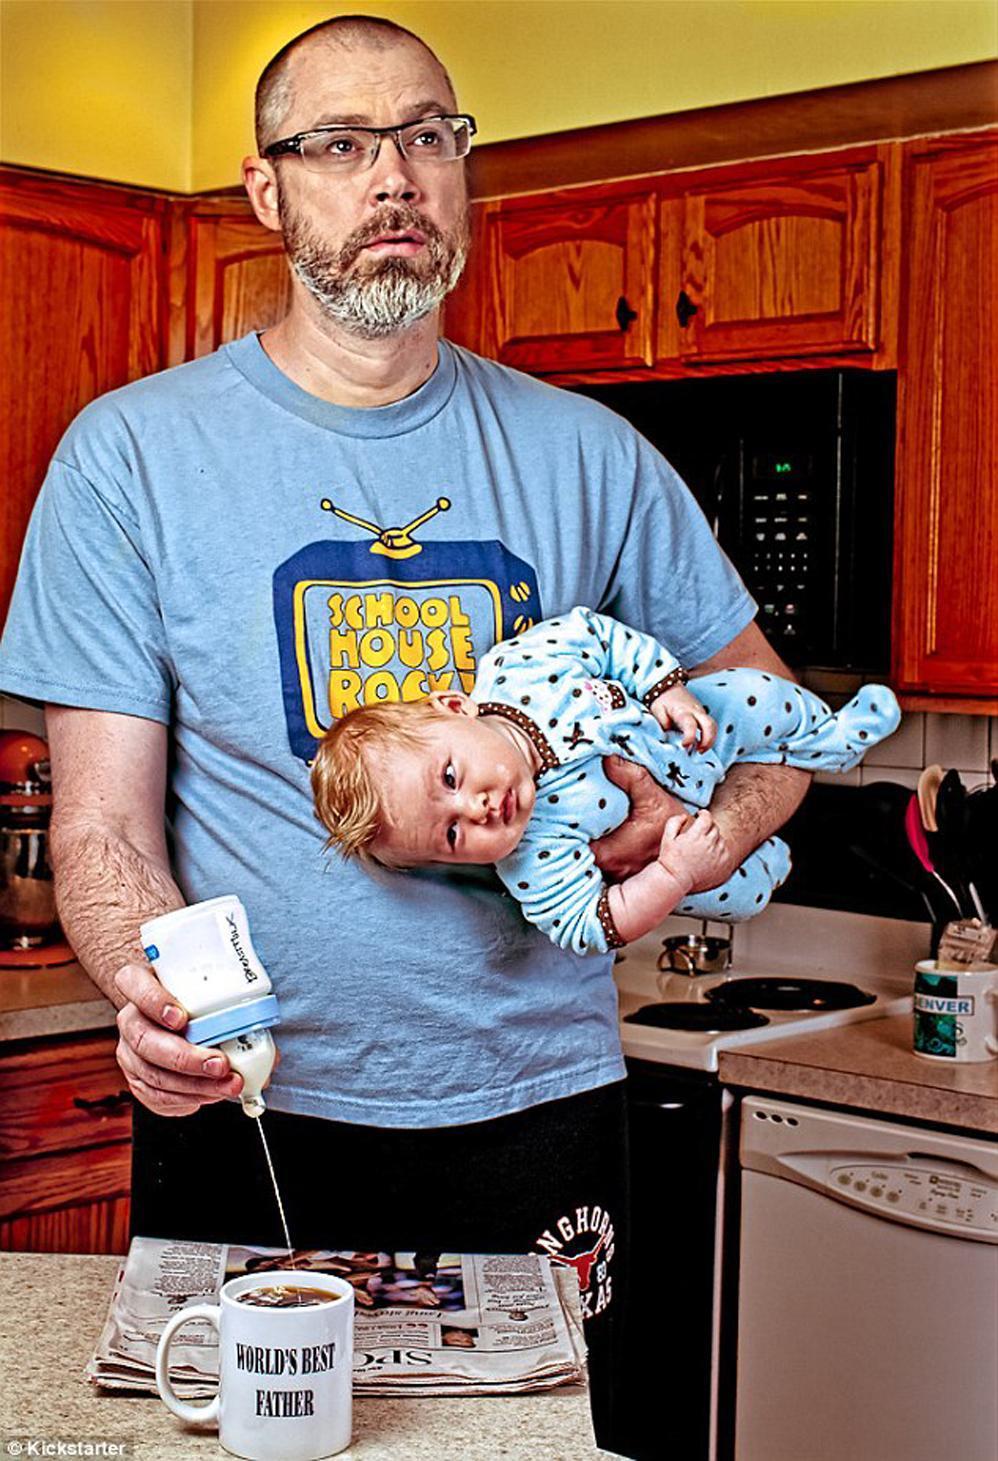 -El-padre-del-a-o--El-sarc-stico-proyecto-de-un-dise-ador-para-recordar-a-su-hija-en-divertidas-im-genes